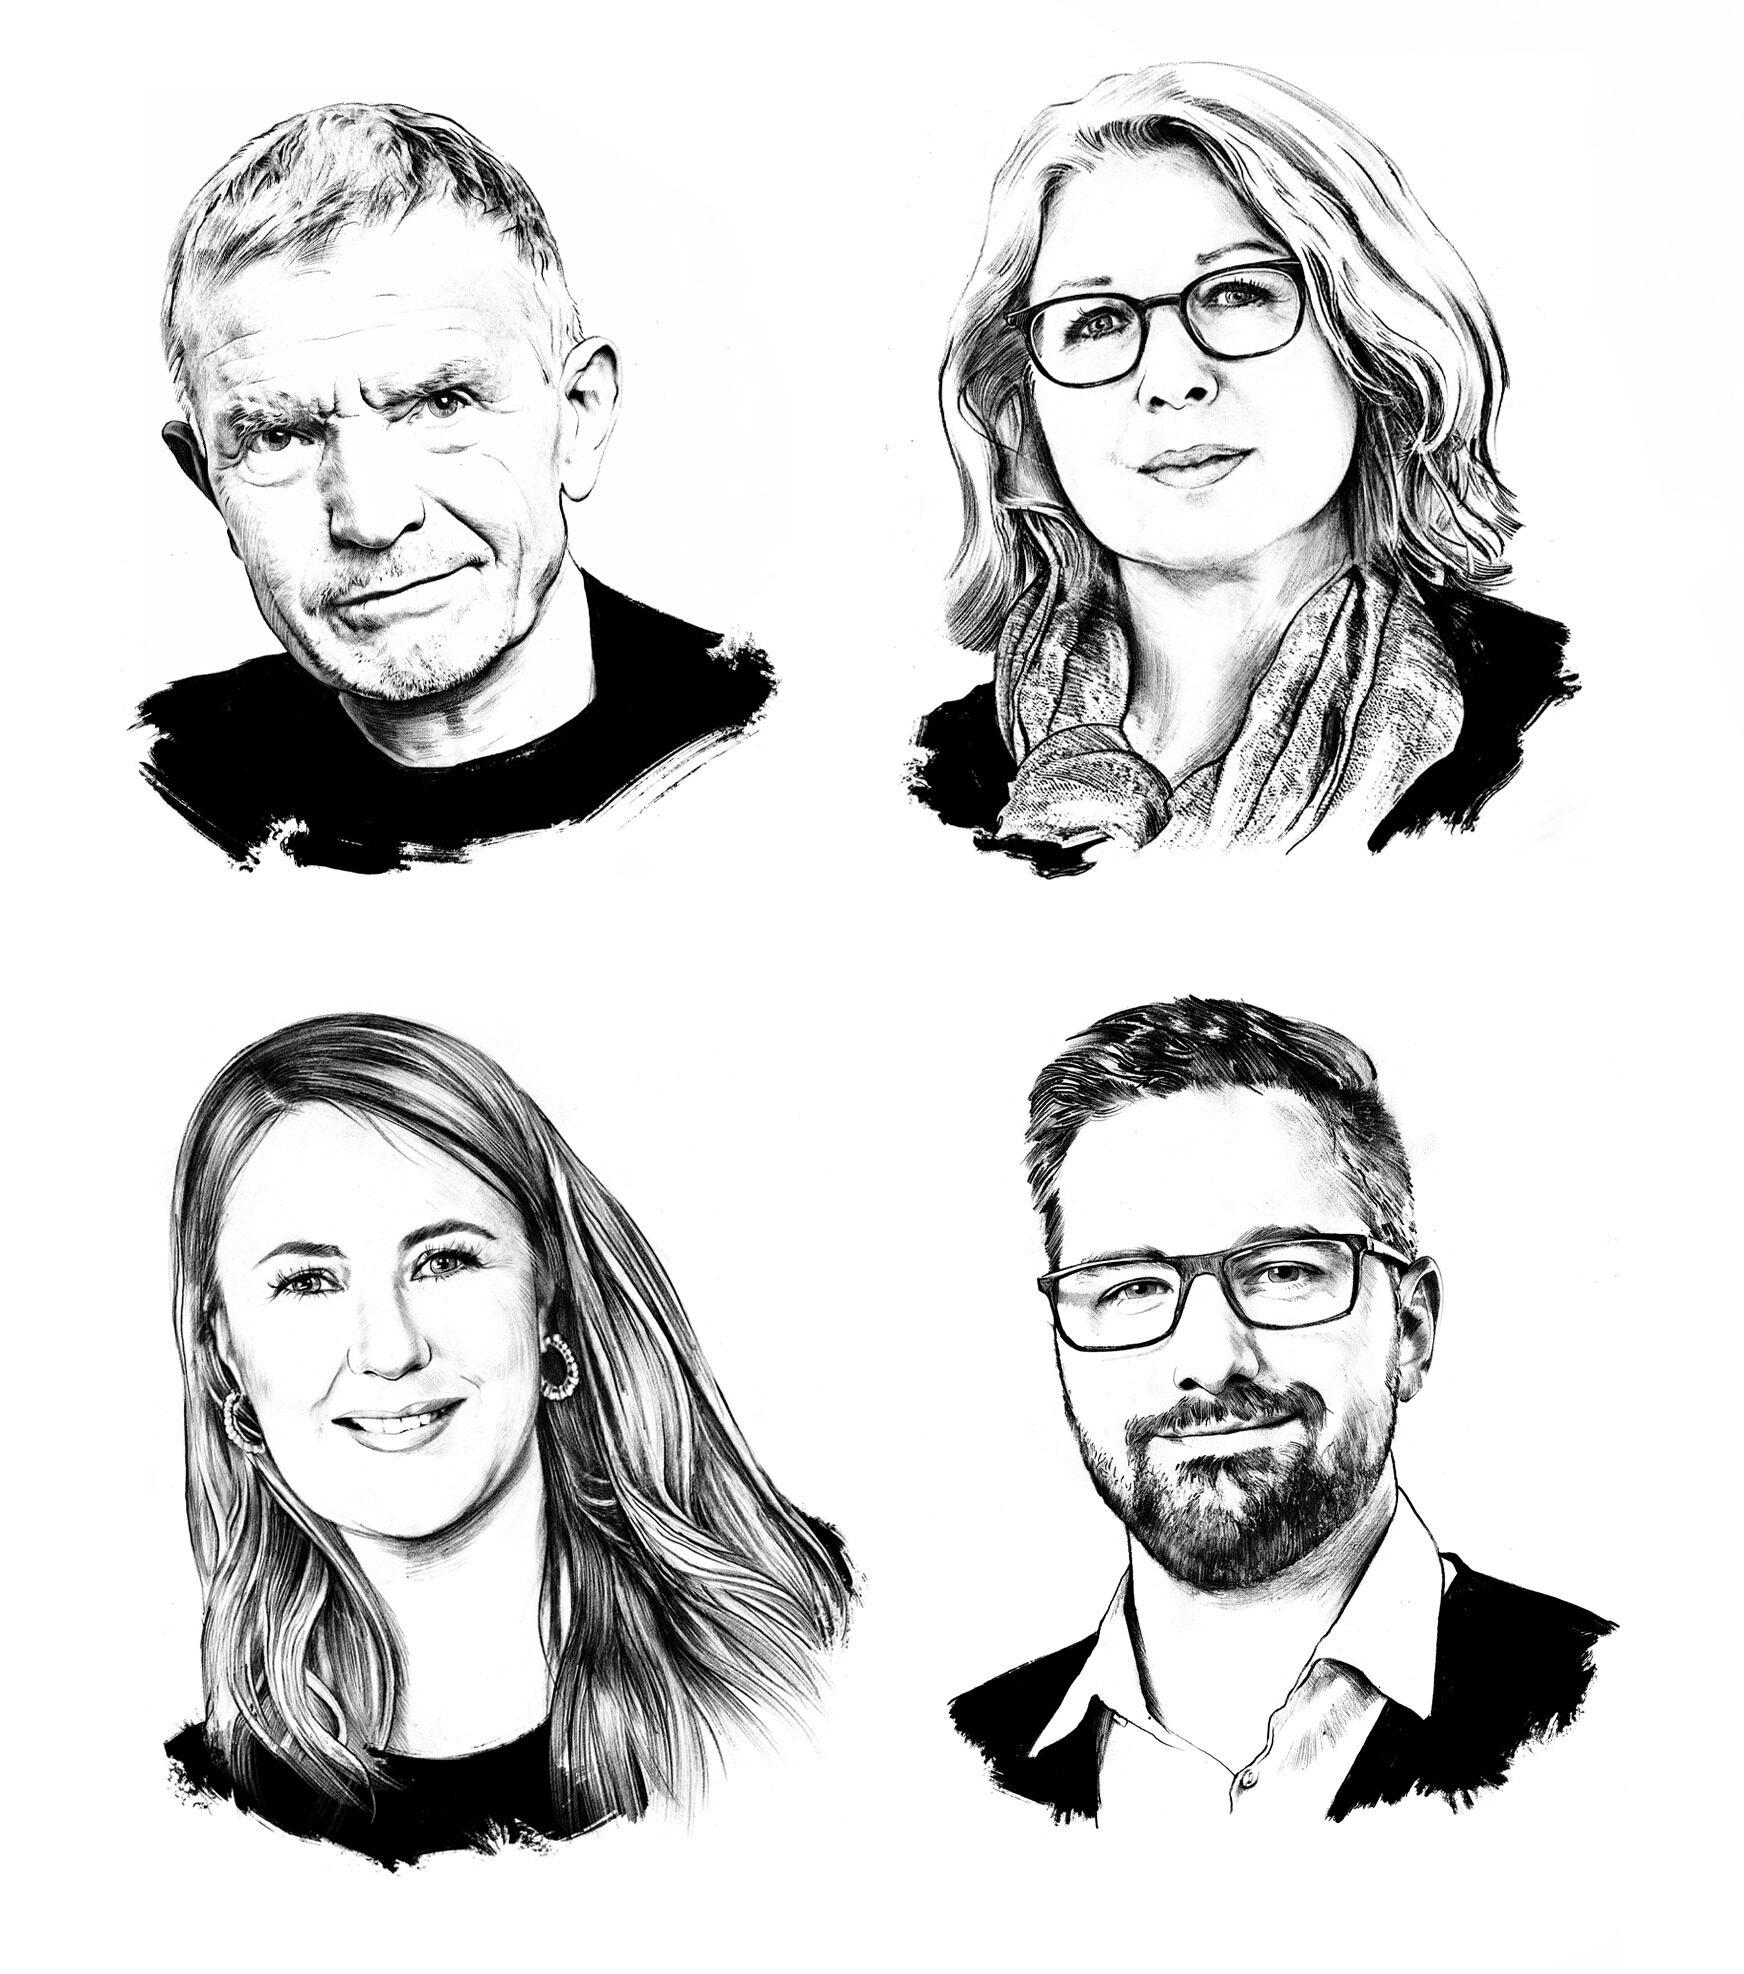 Portrait illustration black white editorial heads - Kornel Illustration | Kornel Stadler portfolio